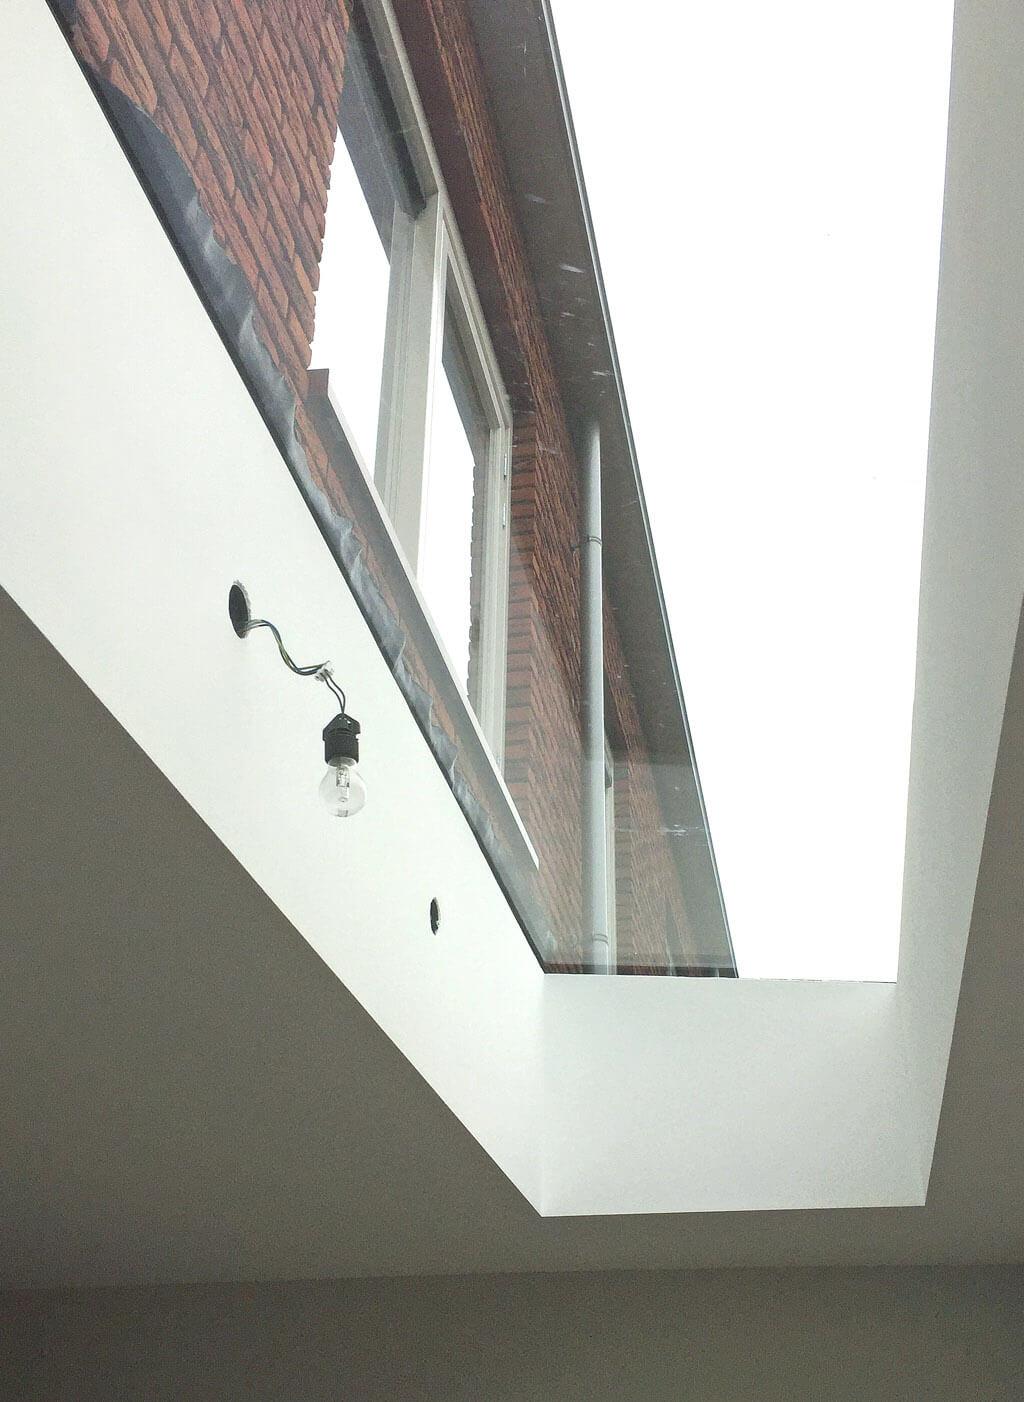 Après l'installation, le cadre est recouvert proprement avec la finition intérieure, pour que l'on ne puisse voir que la vitre : la vue uniquement sur le ciel.